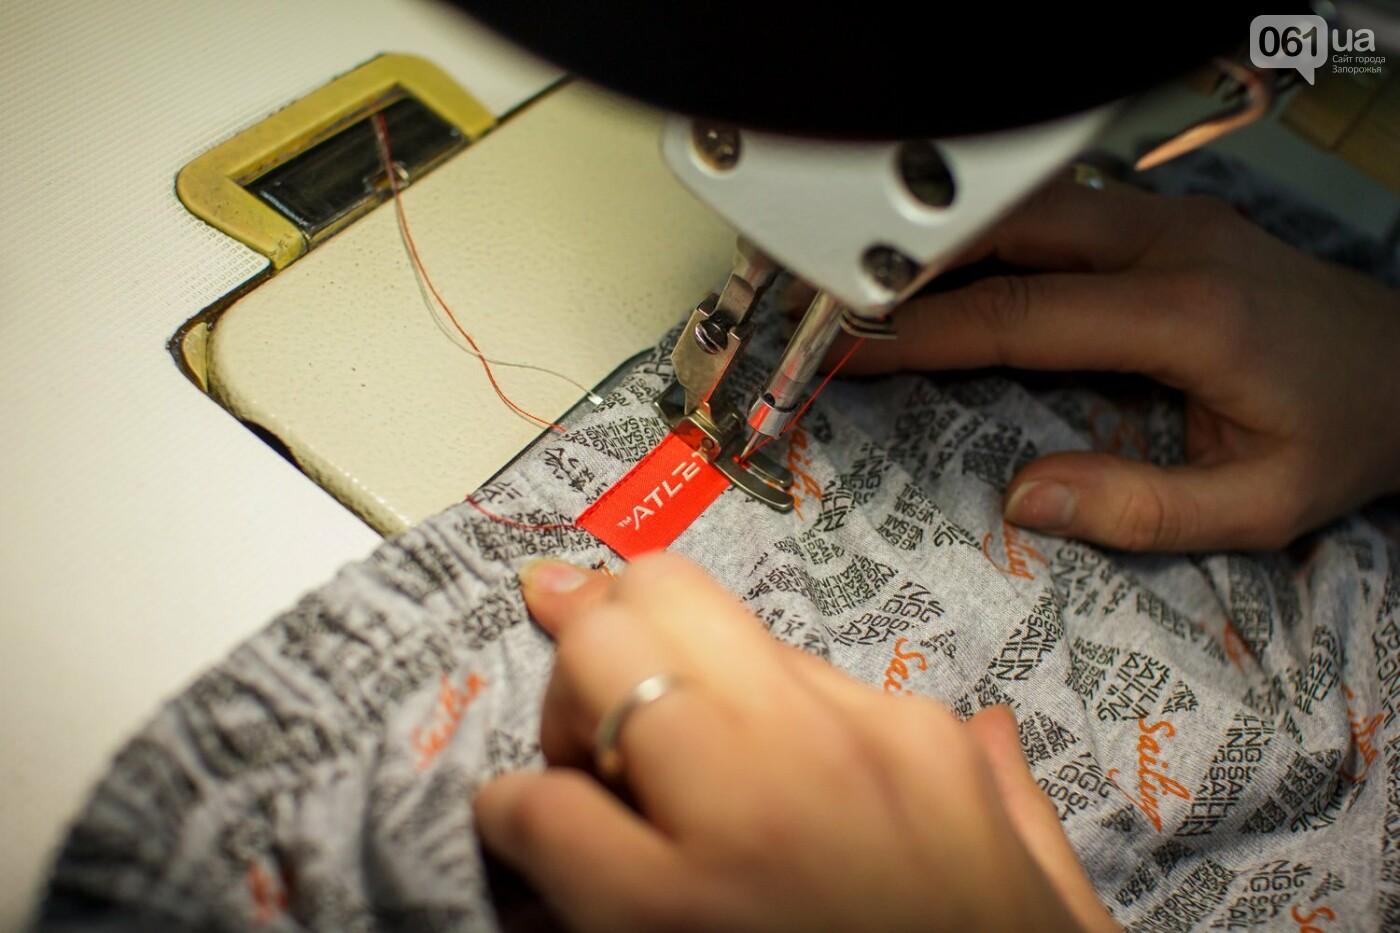 Как в Запорожье шьют мужское белье: экскурсия на трикотажную фабрику, – ФОТОРЕПОРТАЖ, фото-34